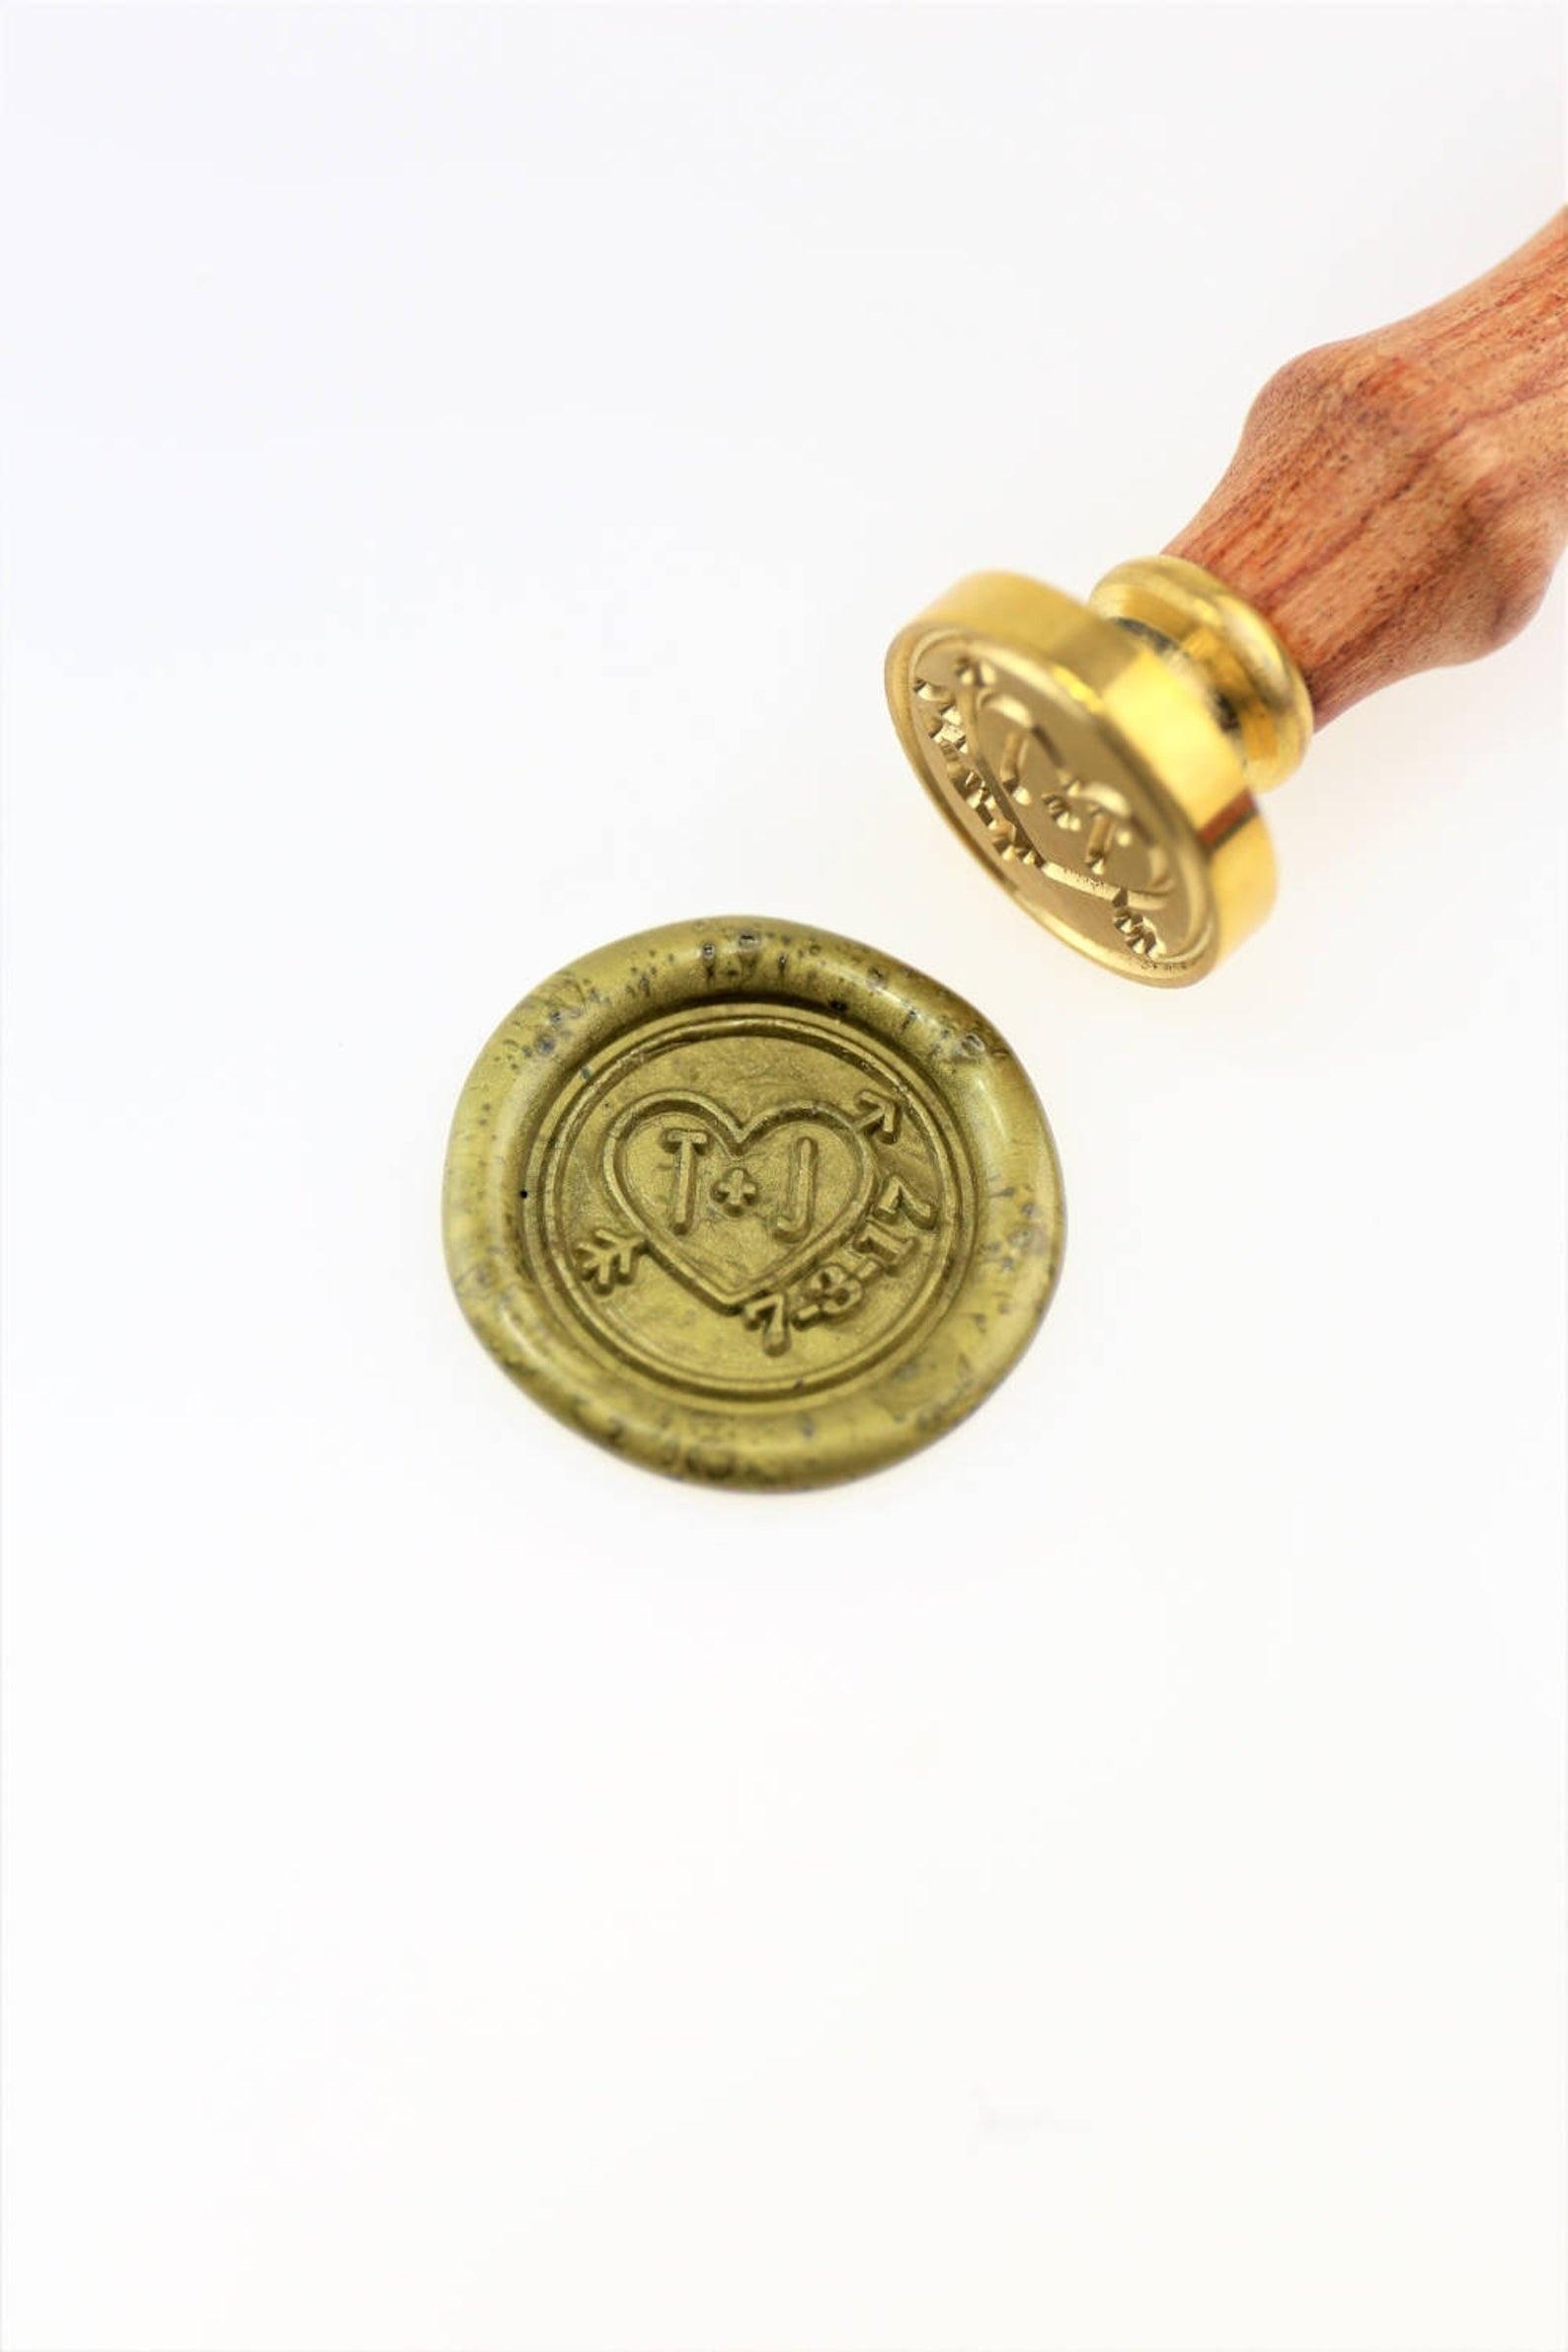 Do costume Do Coração e as iniciais Selo De Cera Selo/save the date monograma selo/Custom selos de casamento/convite de casamento selo/custom weddin